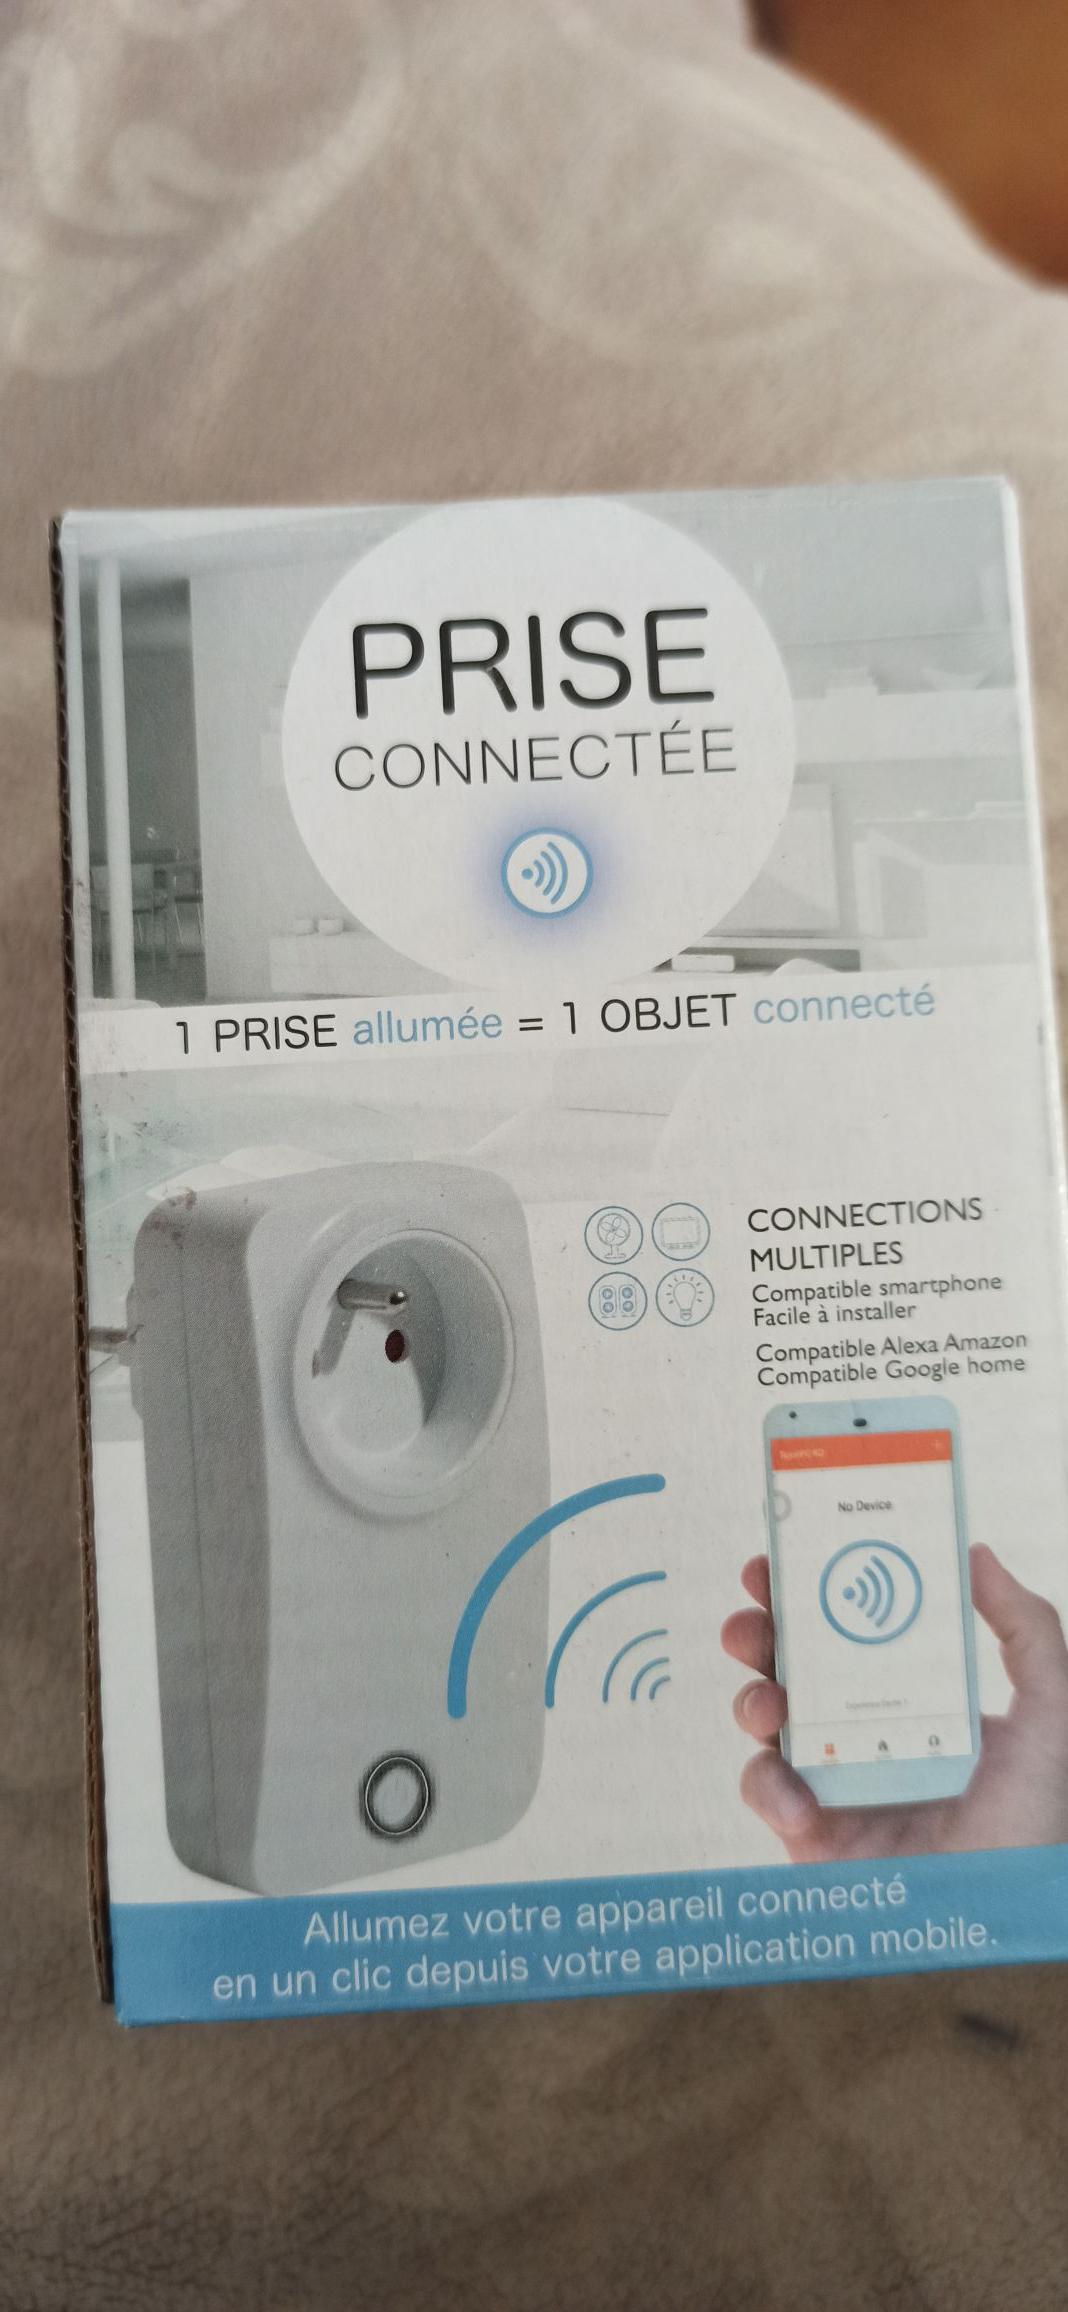 Prise connectée compatible Google Home et Alexa (2300W maxi) - Lory Bruay La Buissière (62)